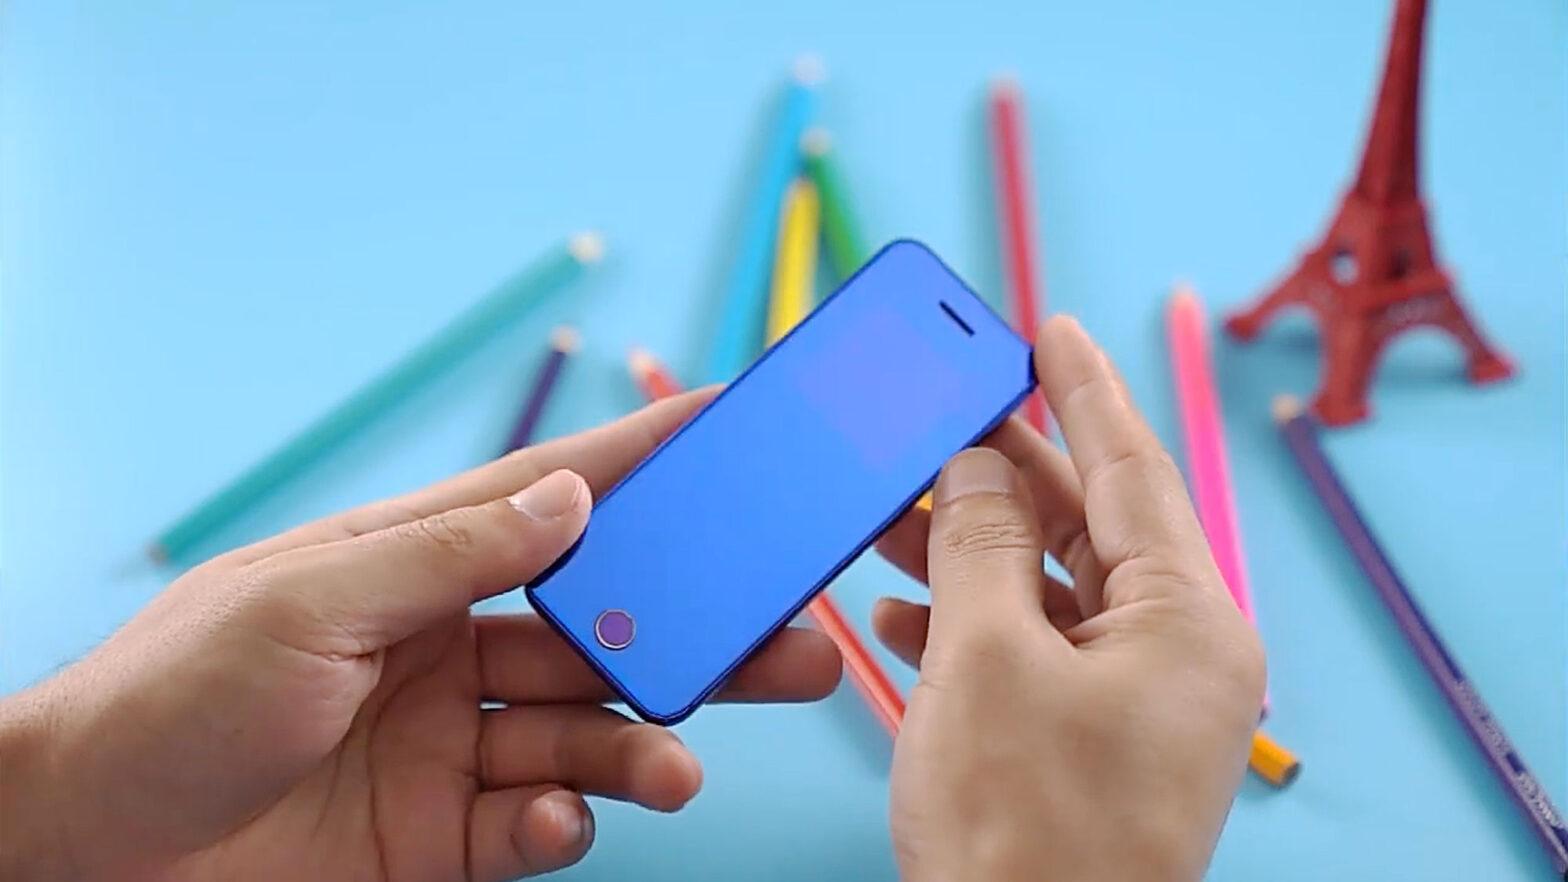 ATMAN R9 Mobile Phone a Semi Smartphone